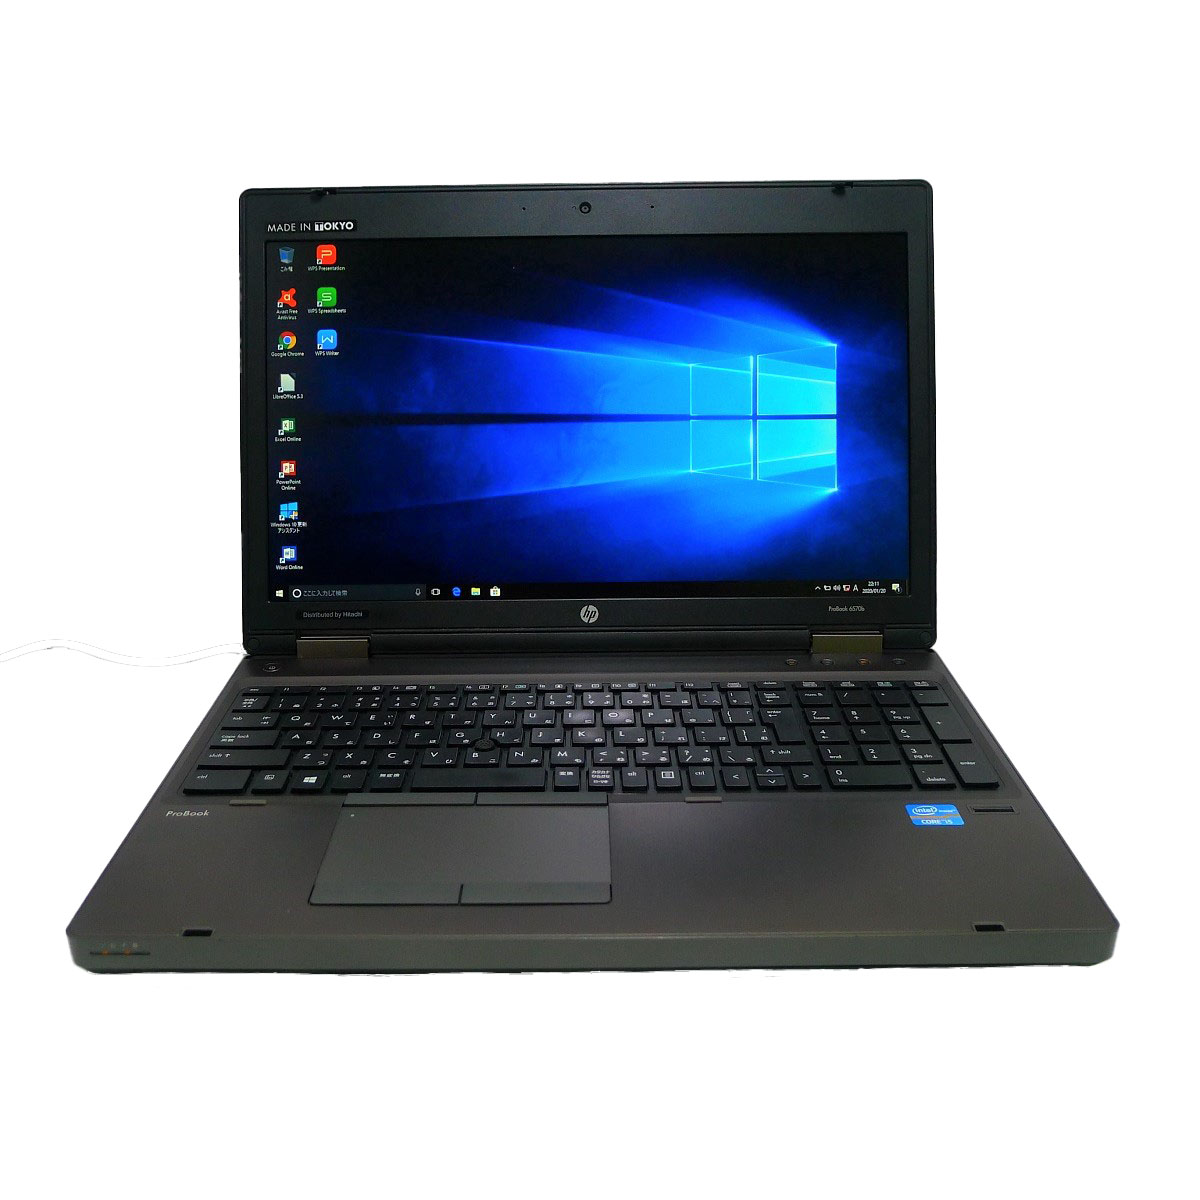 代引き不可 HP ProBook 6570bCeleron 8GB 新品SSD4TB スーパーマルチ 無線LAN 64bitWPSOffice 中古パソコン Windows10 高い素材 中古 15.6インチ ノートパソコン